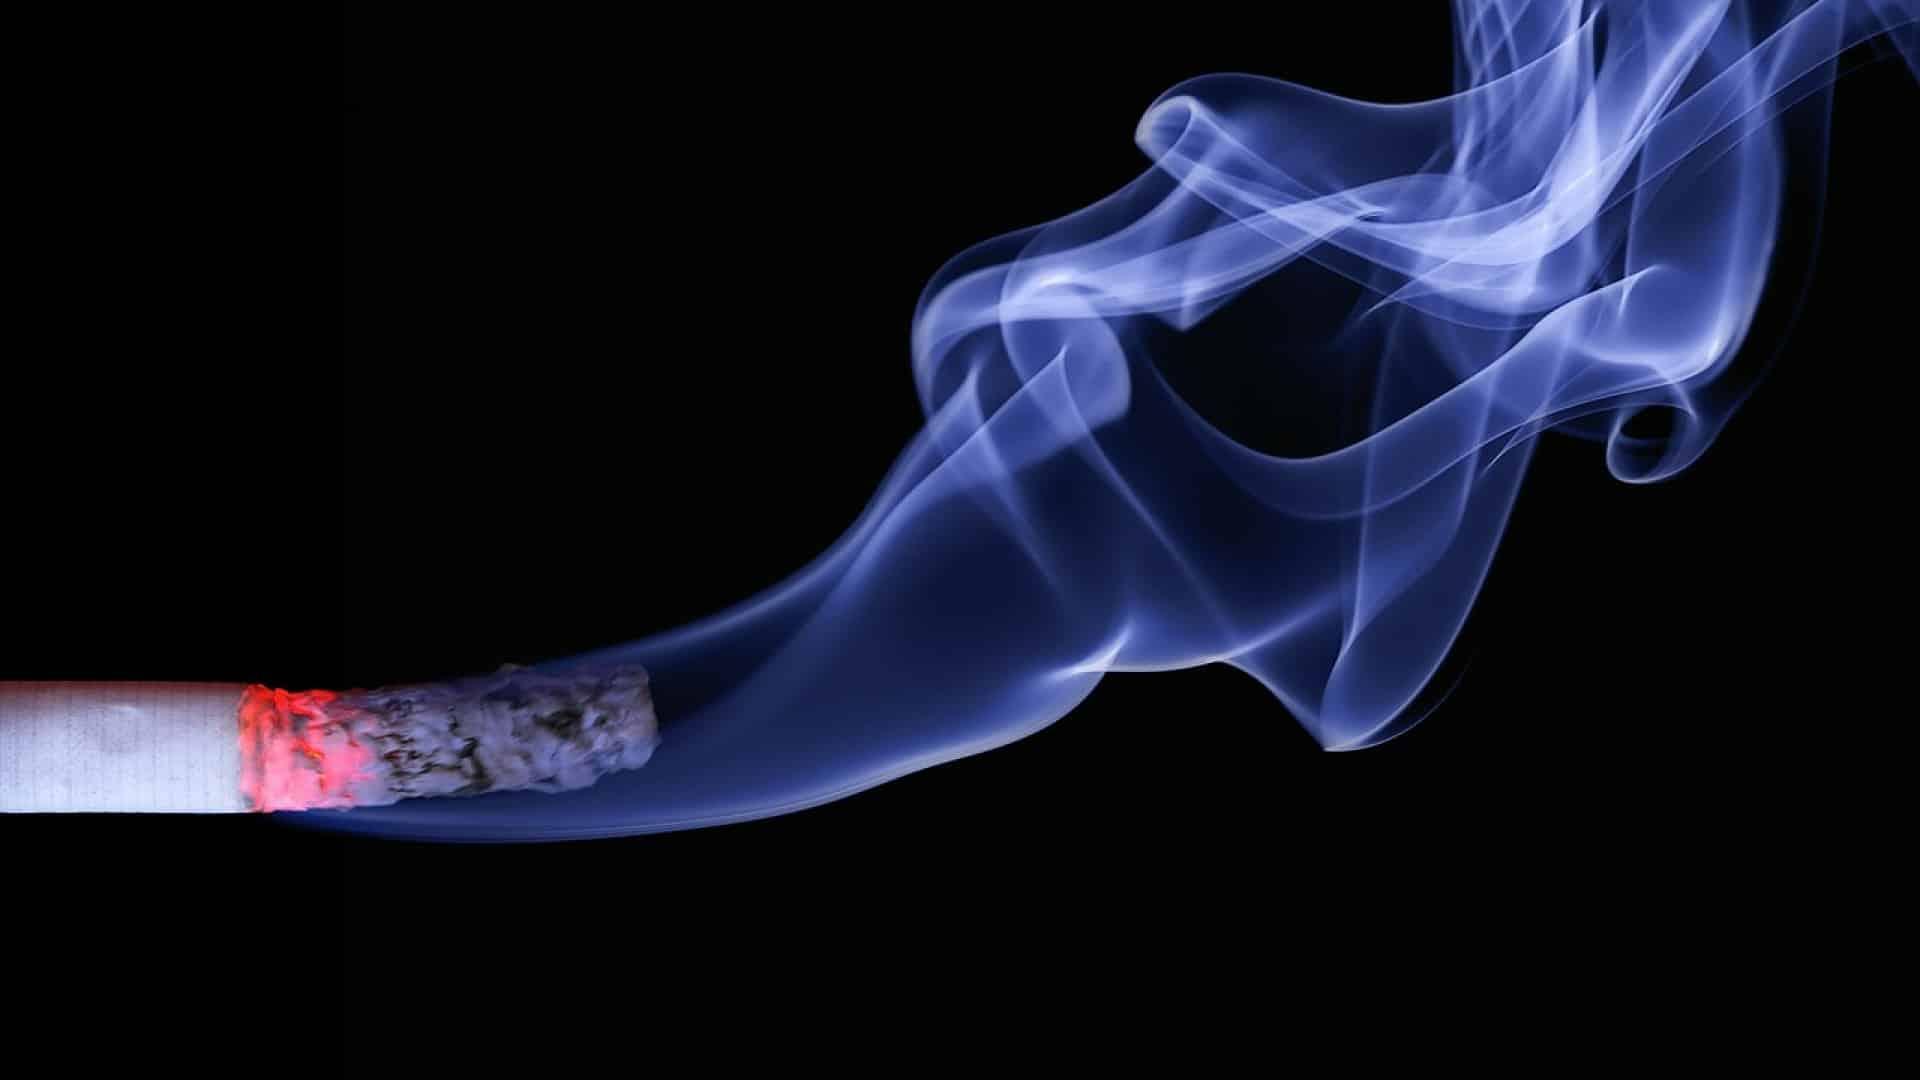 Rôle de la nicotine dans l'addiction